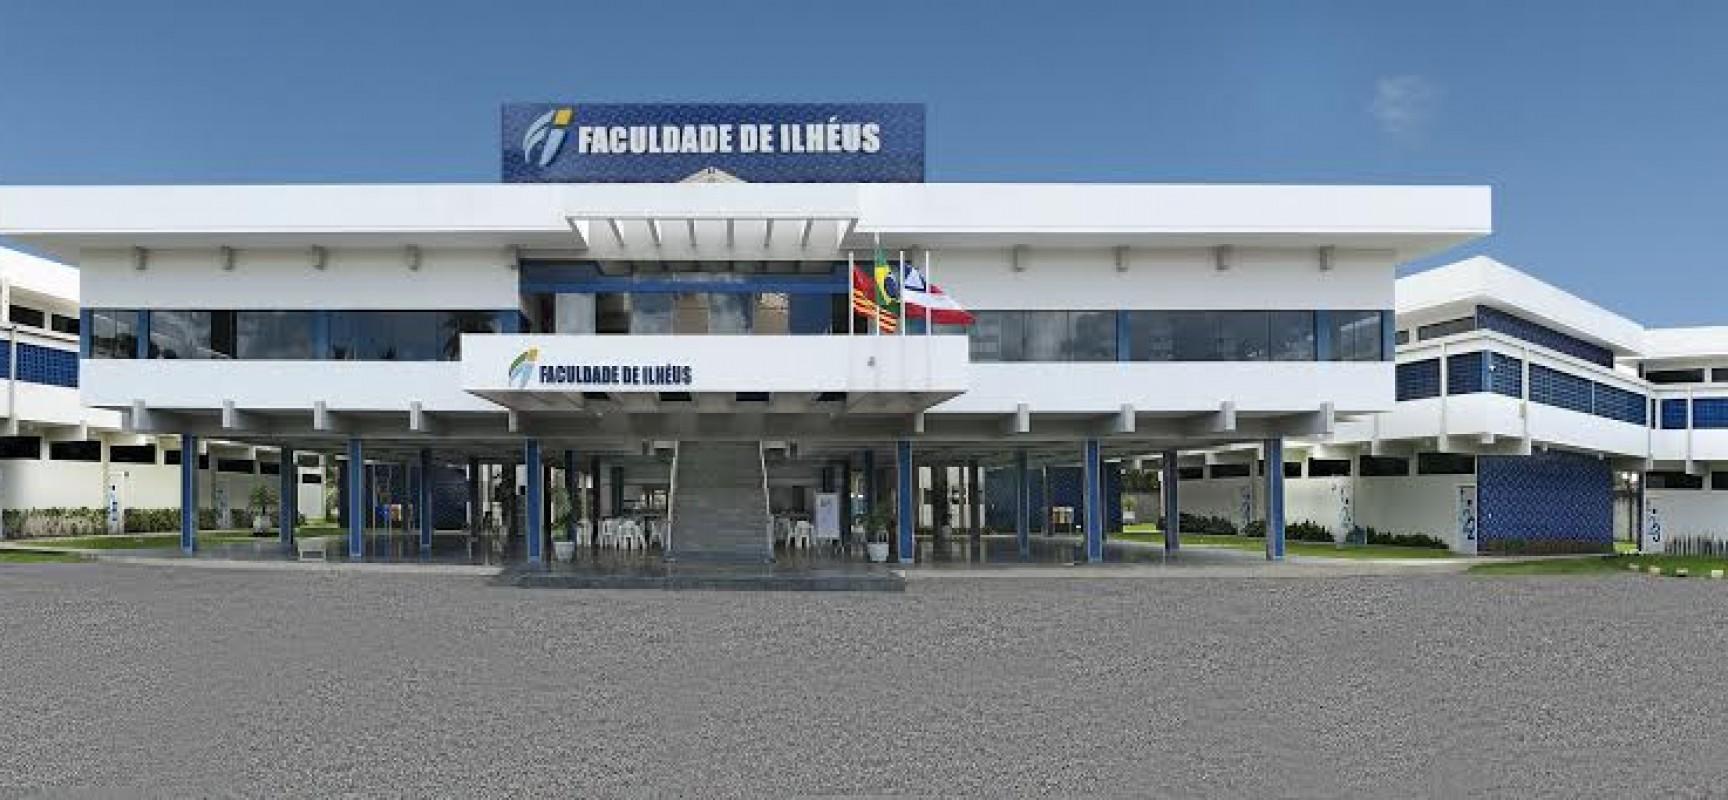 Faculdade de Ilhéus completa 18 anos em atividade na região